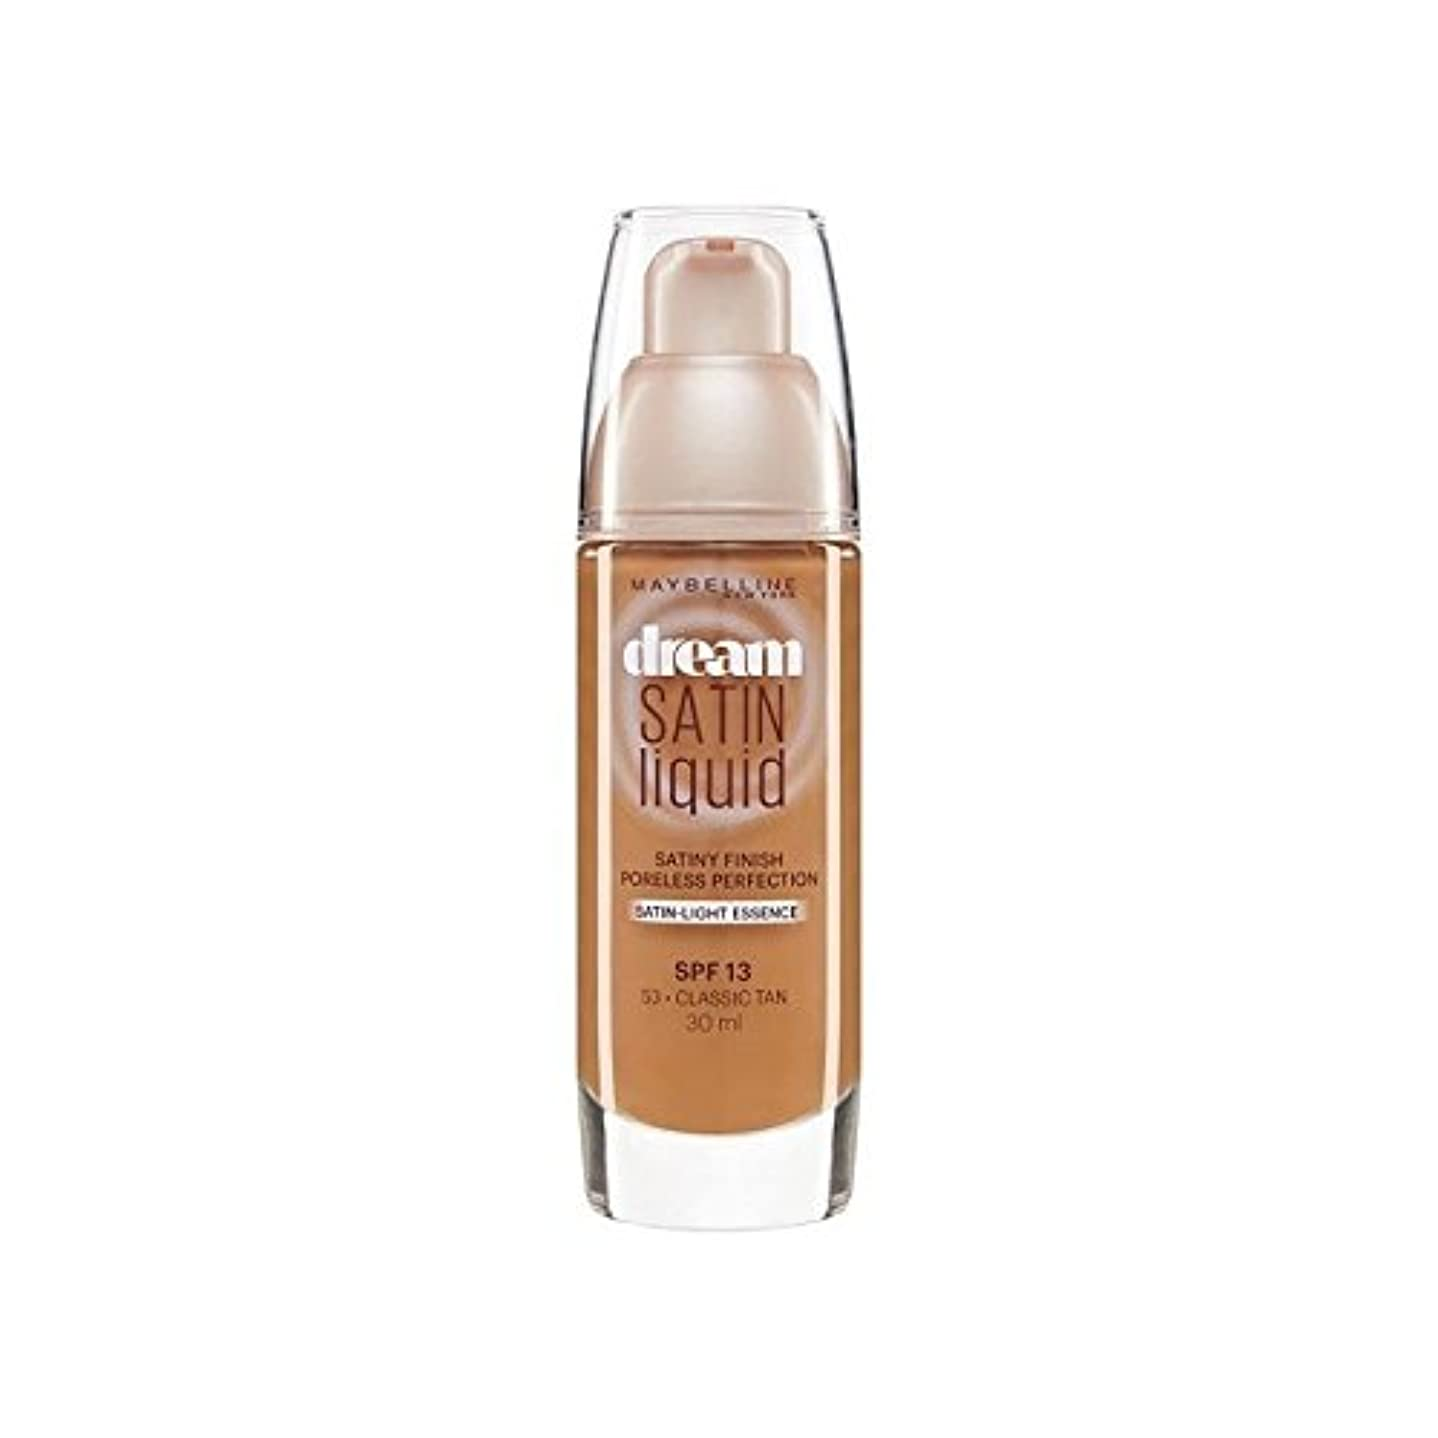 手つかずのシフト病院メイベリン夢サテンリキッドファンデーション53古典的な日焼け30ミリリットル x2 - Maybelline Dream Satin Liquid Foundation 53 Classic Tan 30ml (Pack...